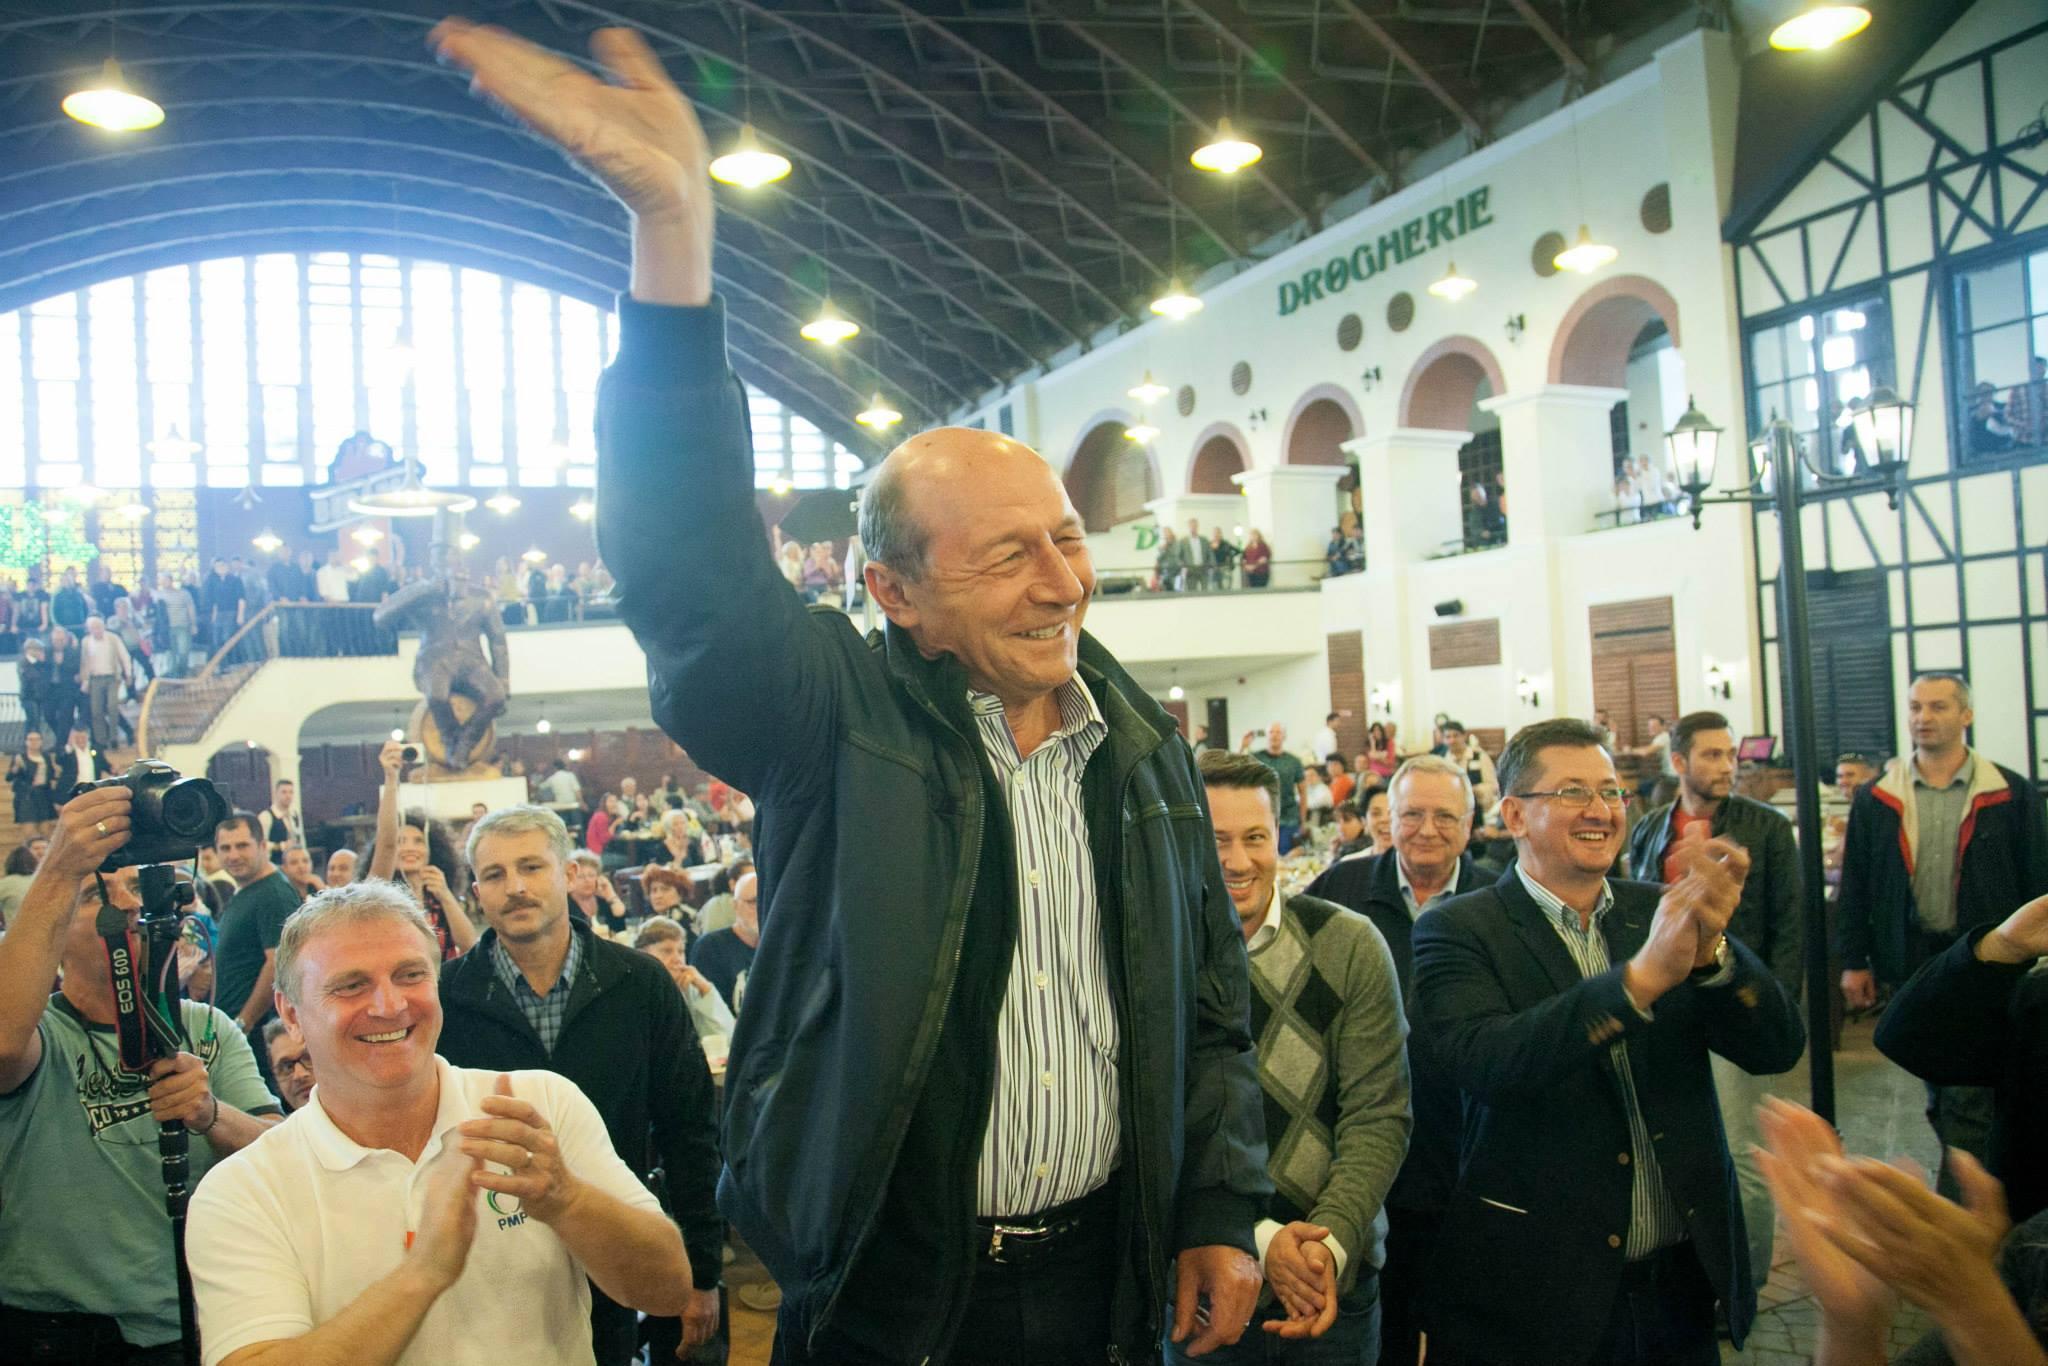 La o bere cu Preşedintele Băsescu - explicatia care apare la pozele postate pe pagina de Facebook a Elenei Udrea. Fotografii efectuate duminică seara, 28 septembrie 2014 în Berăria H (sursă foto pagina Facebook elena Udrea)